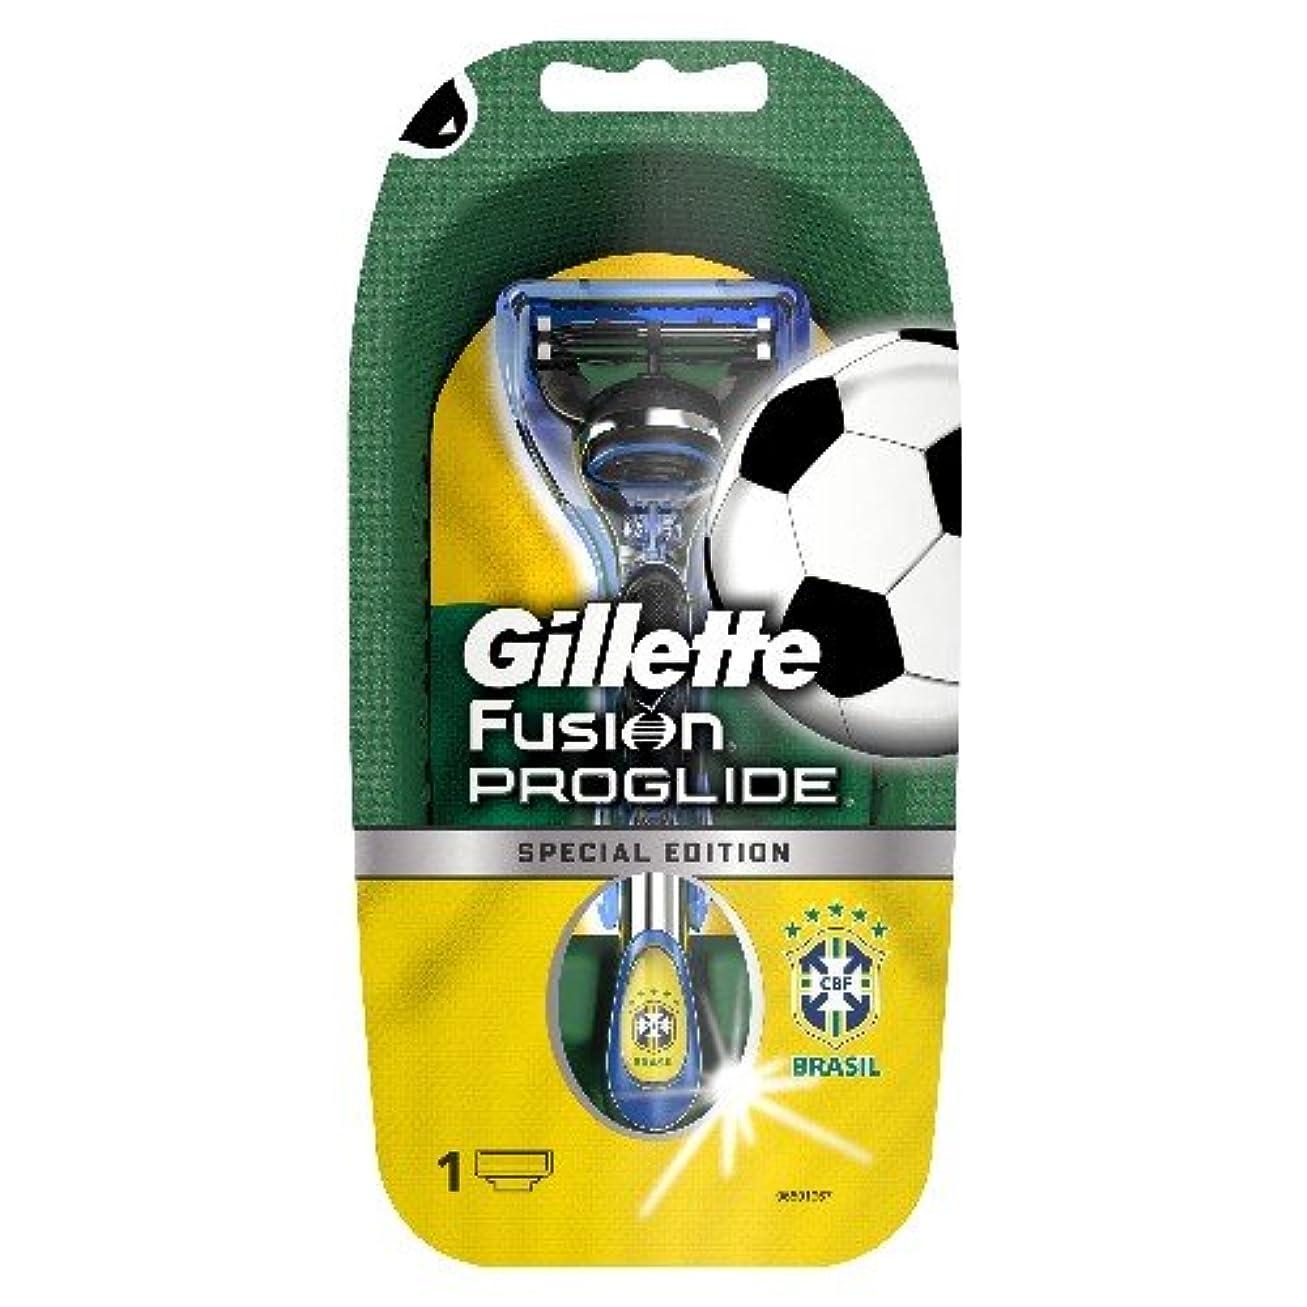 ページェント避難する見える【数量限定品】 ジレット プログライド サッカーブラジルモデルホルダー